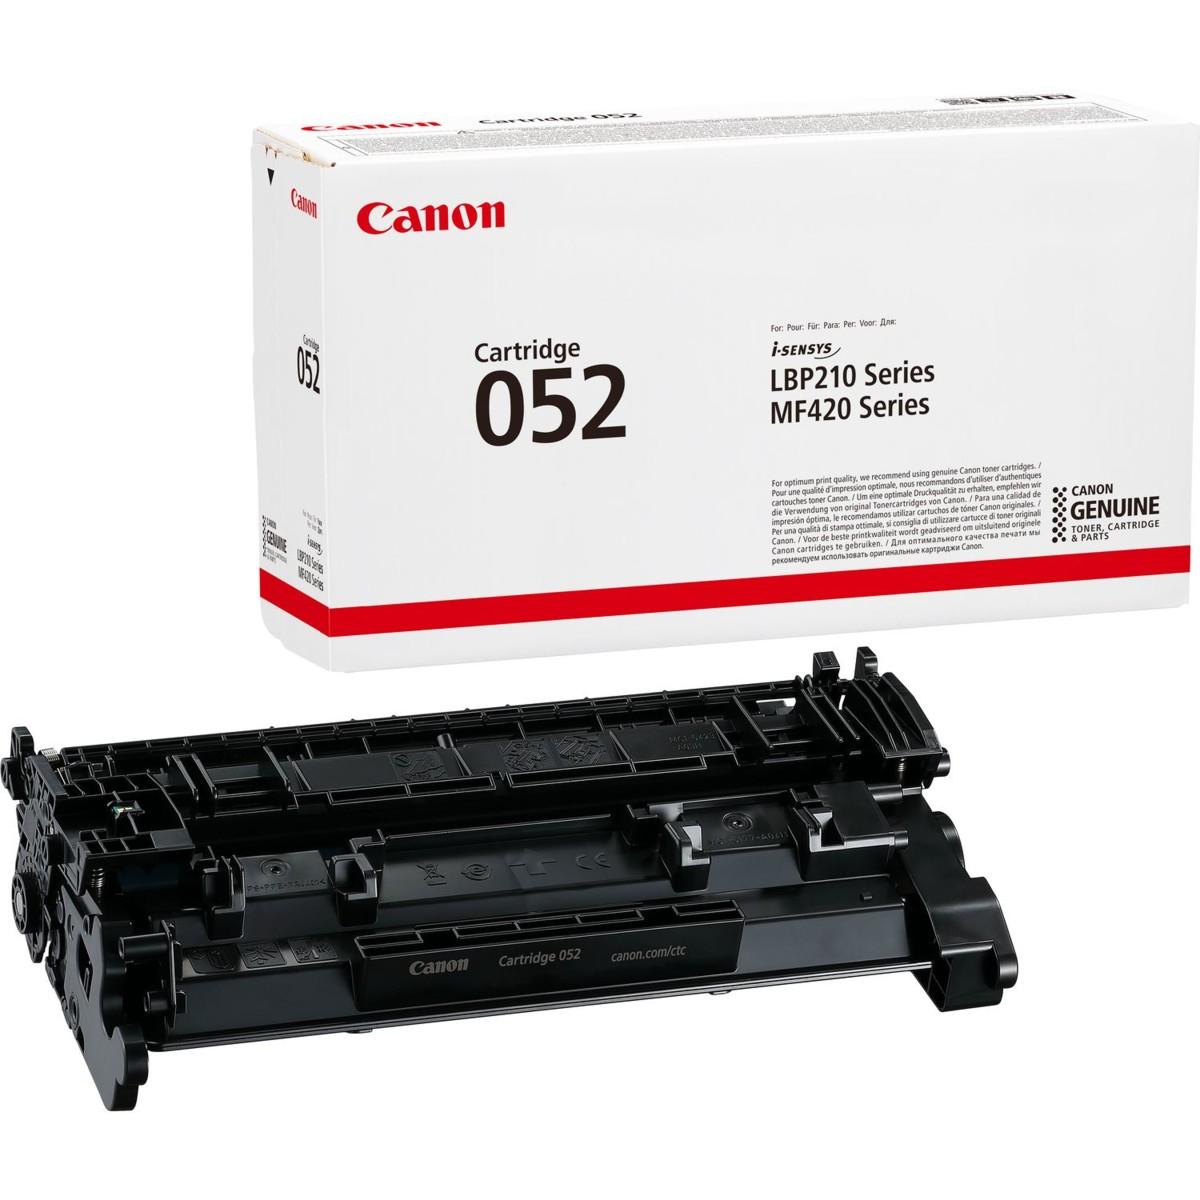 Toner Canon 052, 2199C002 - originálny (Čierny)